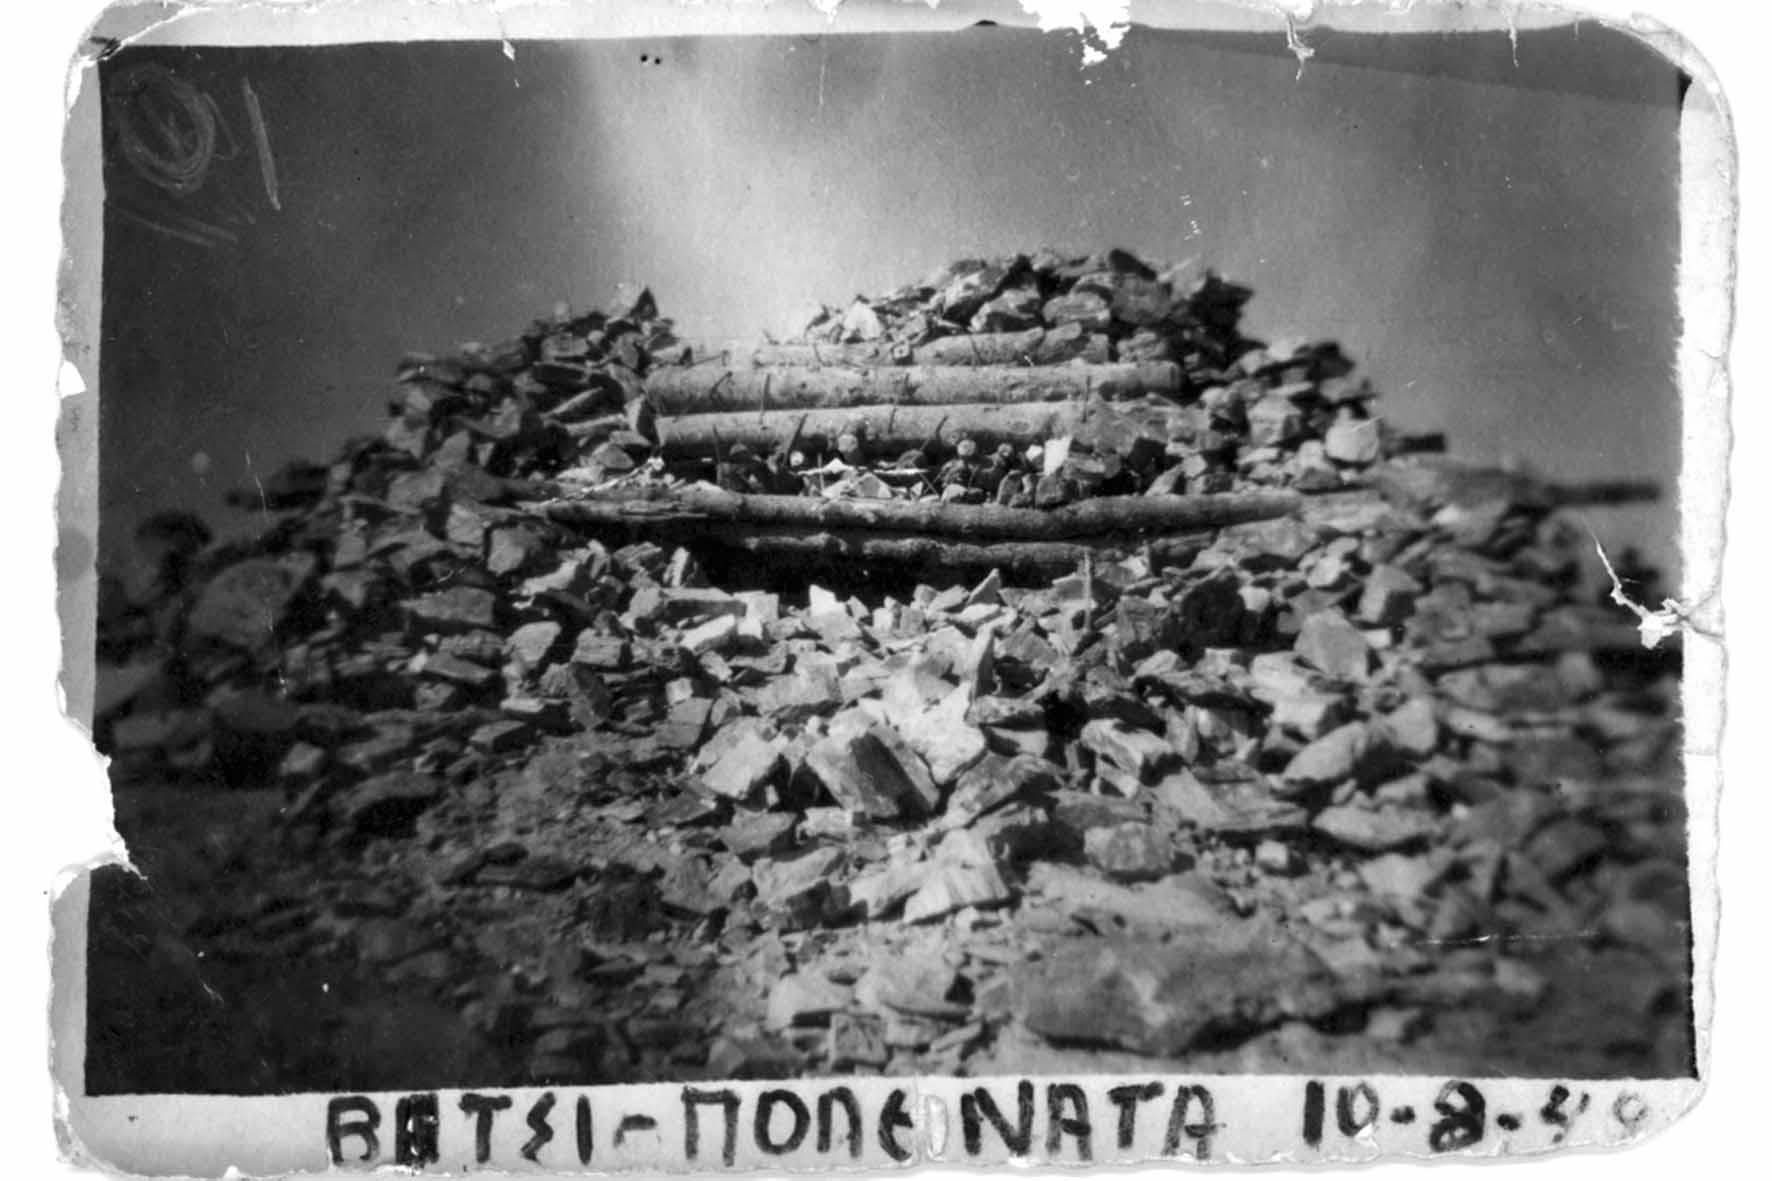 Κατεστραμμενο πολυβολειο των ανταρτων στην Πολενατα μετα τη μαχη